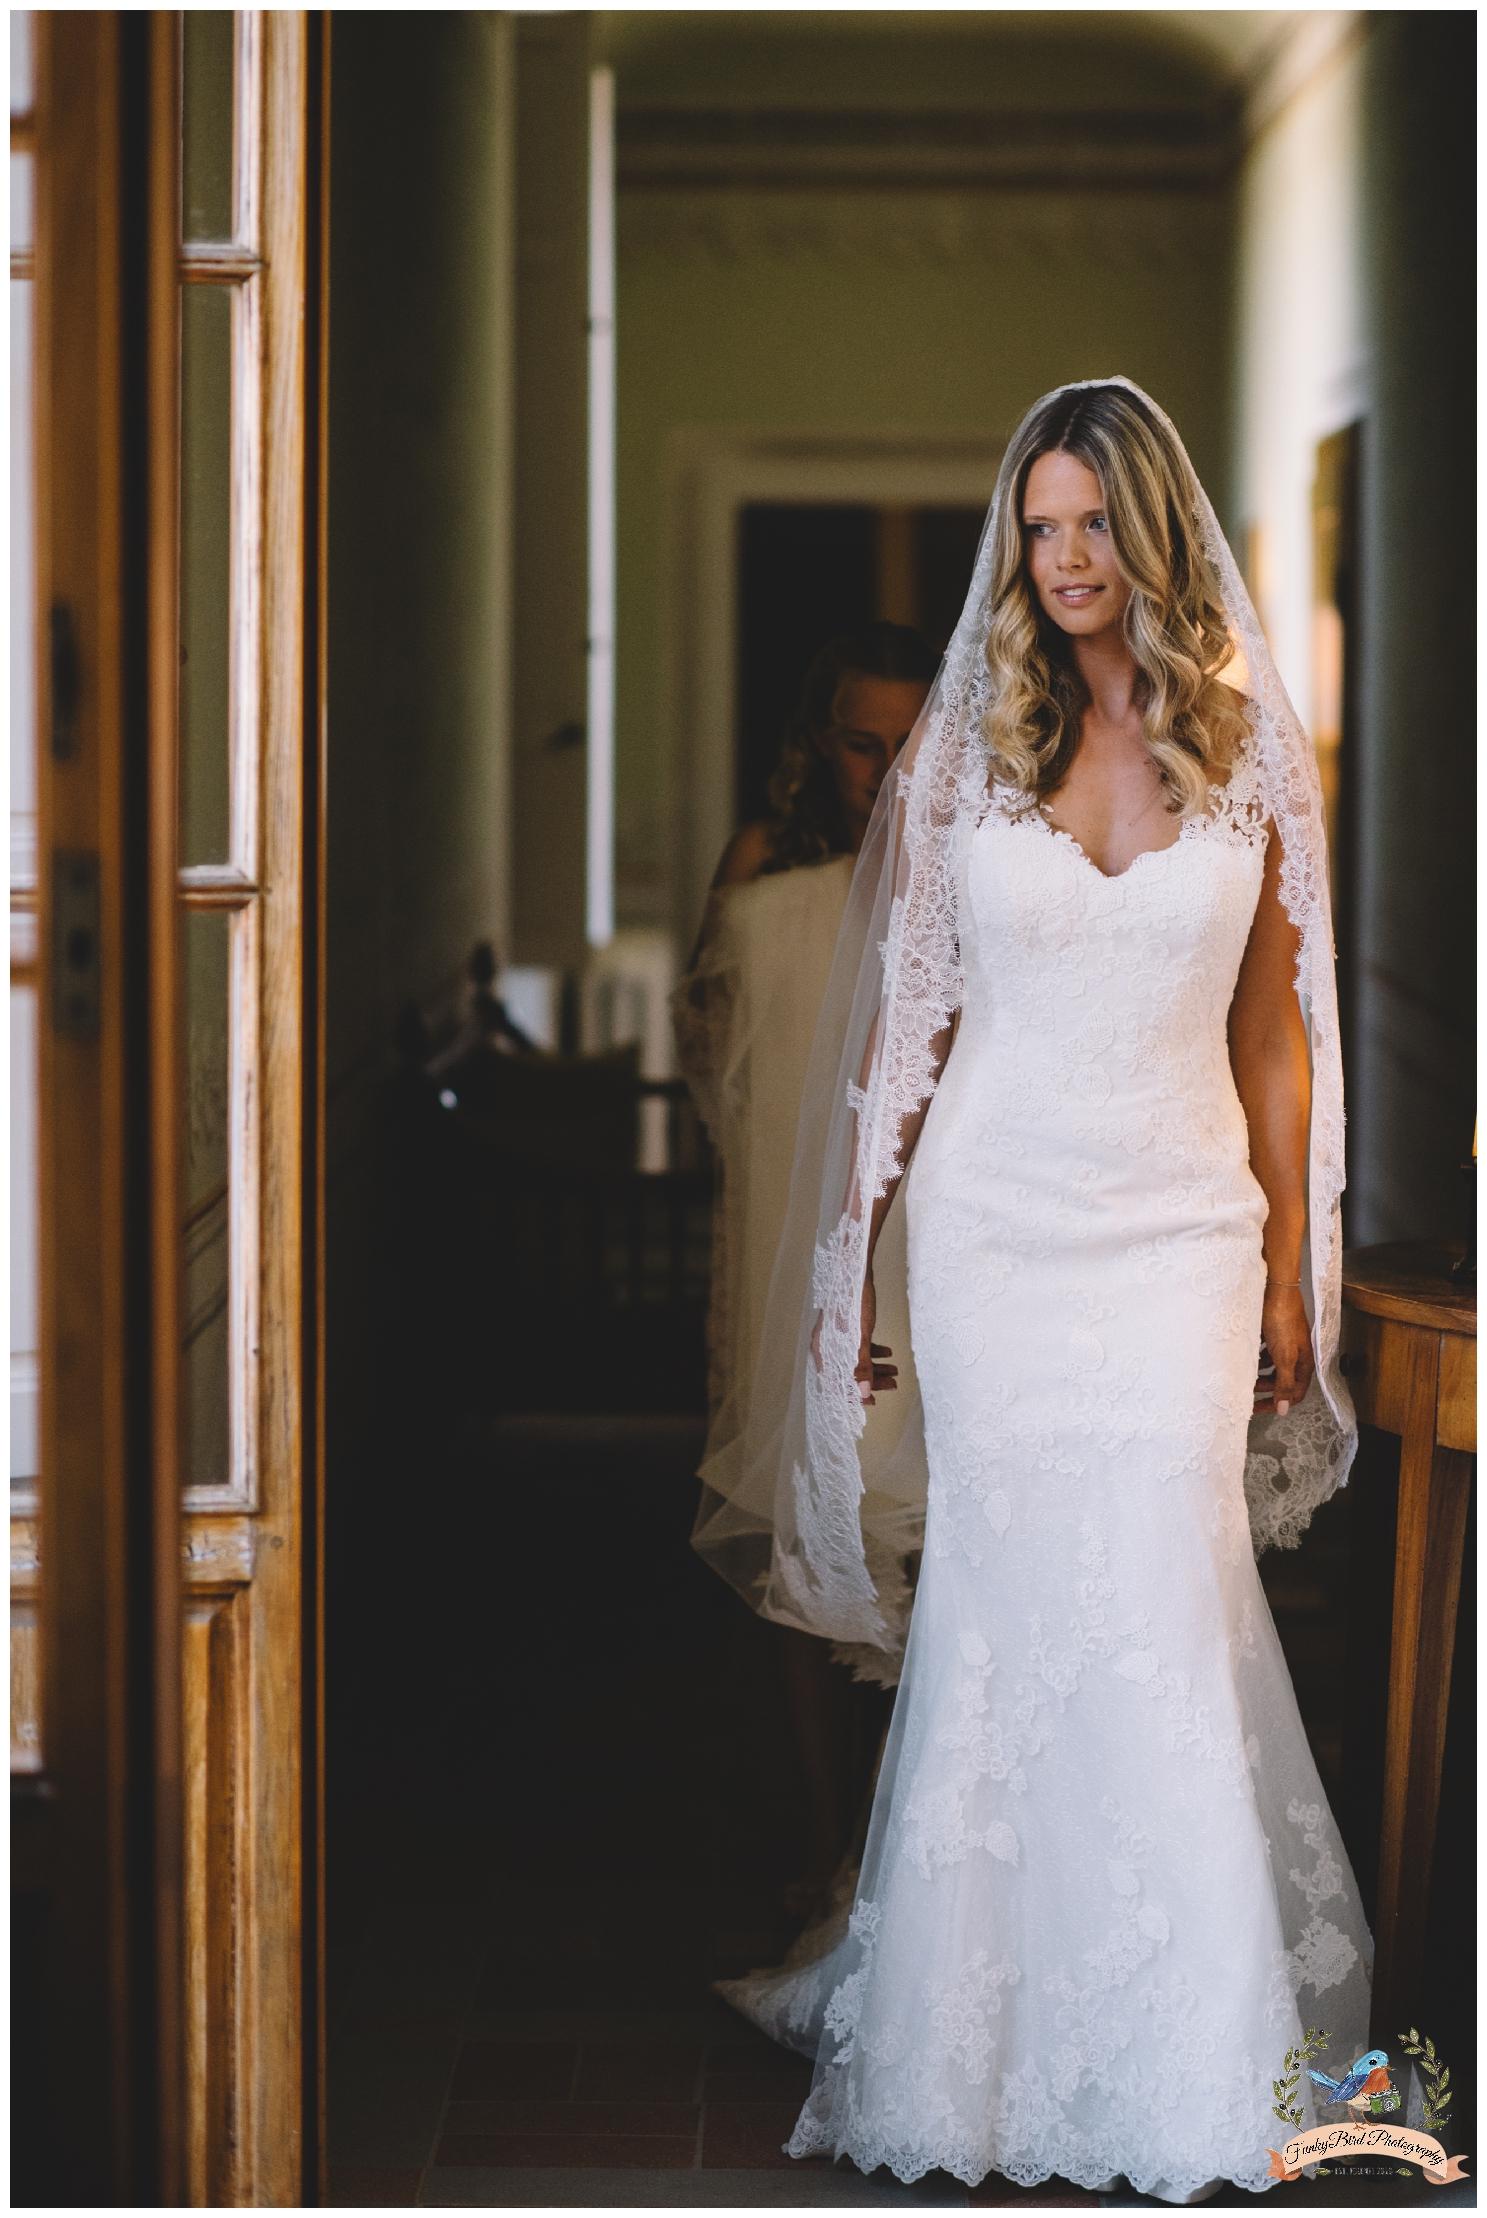 Wedding_Photographer_Tuscany_Florence_Italy_16.jpg